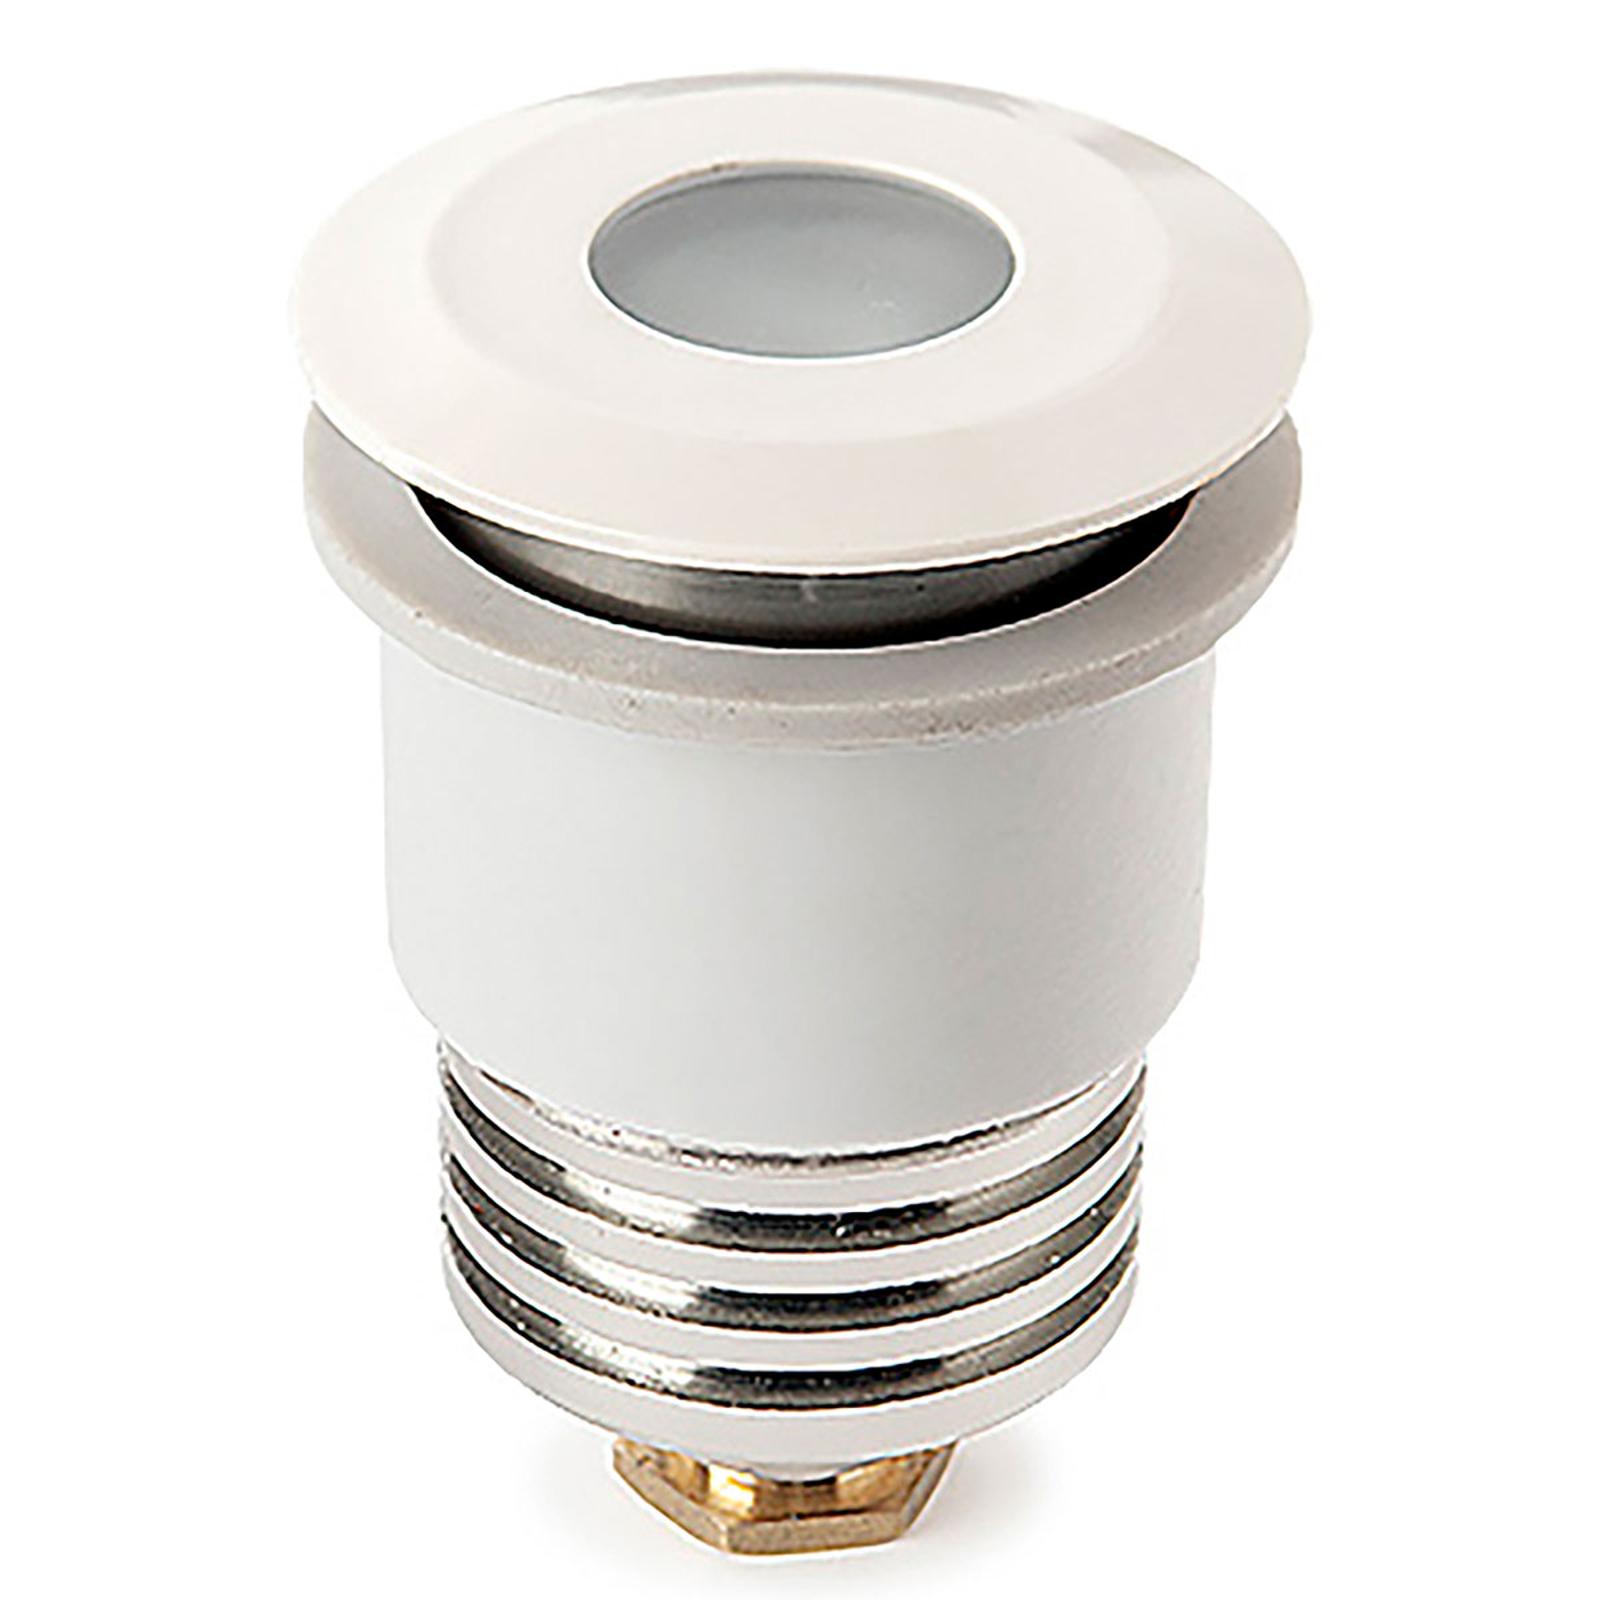 LED-Wasserleuchte Aqua Recessed PC